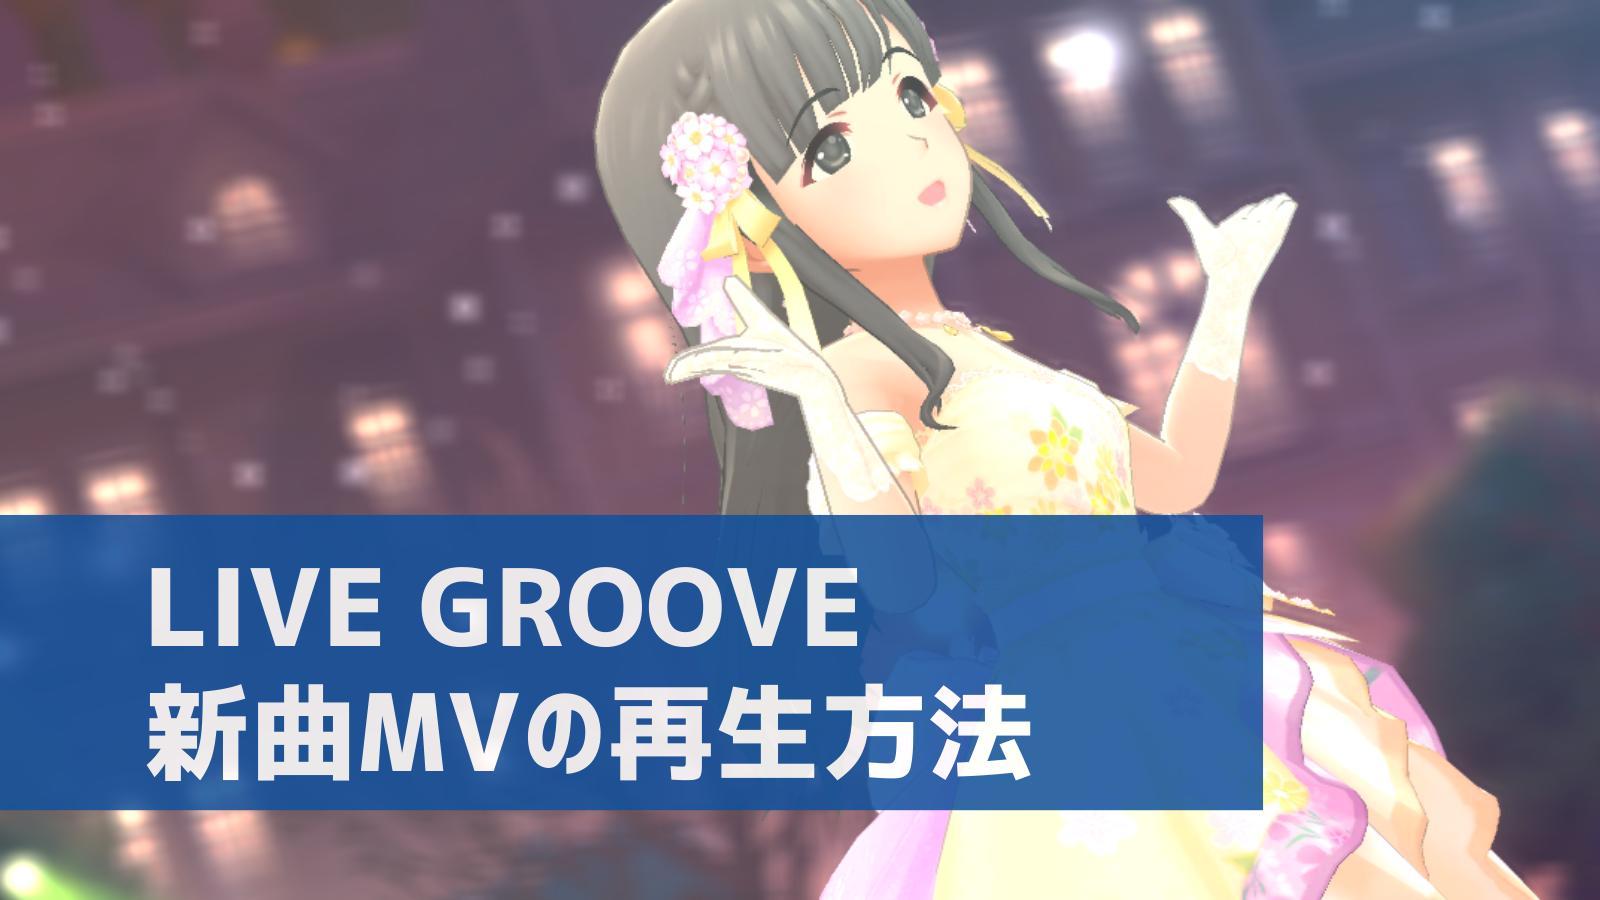 LIVE Grooveの新曲MV再生方法